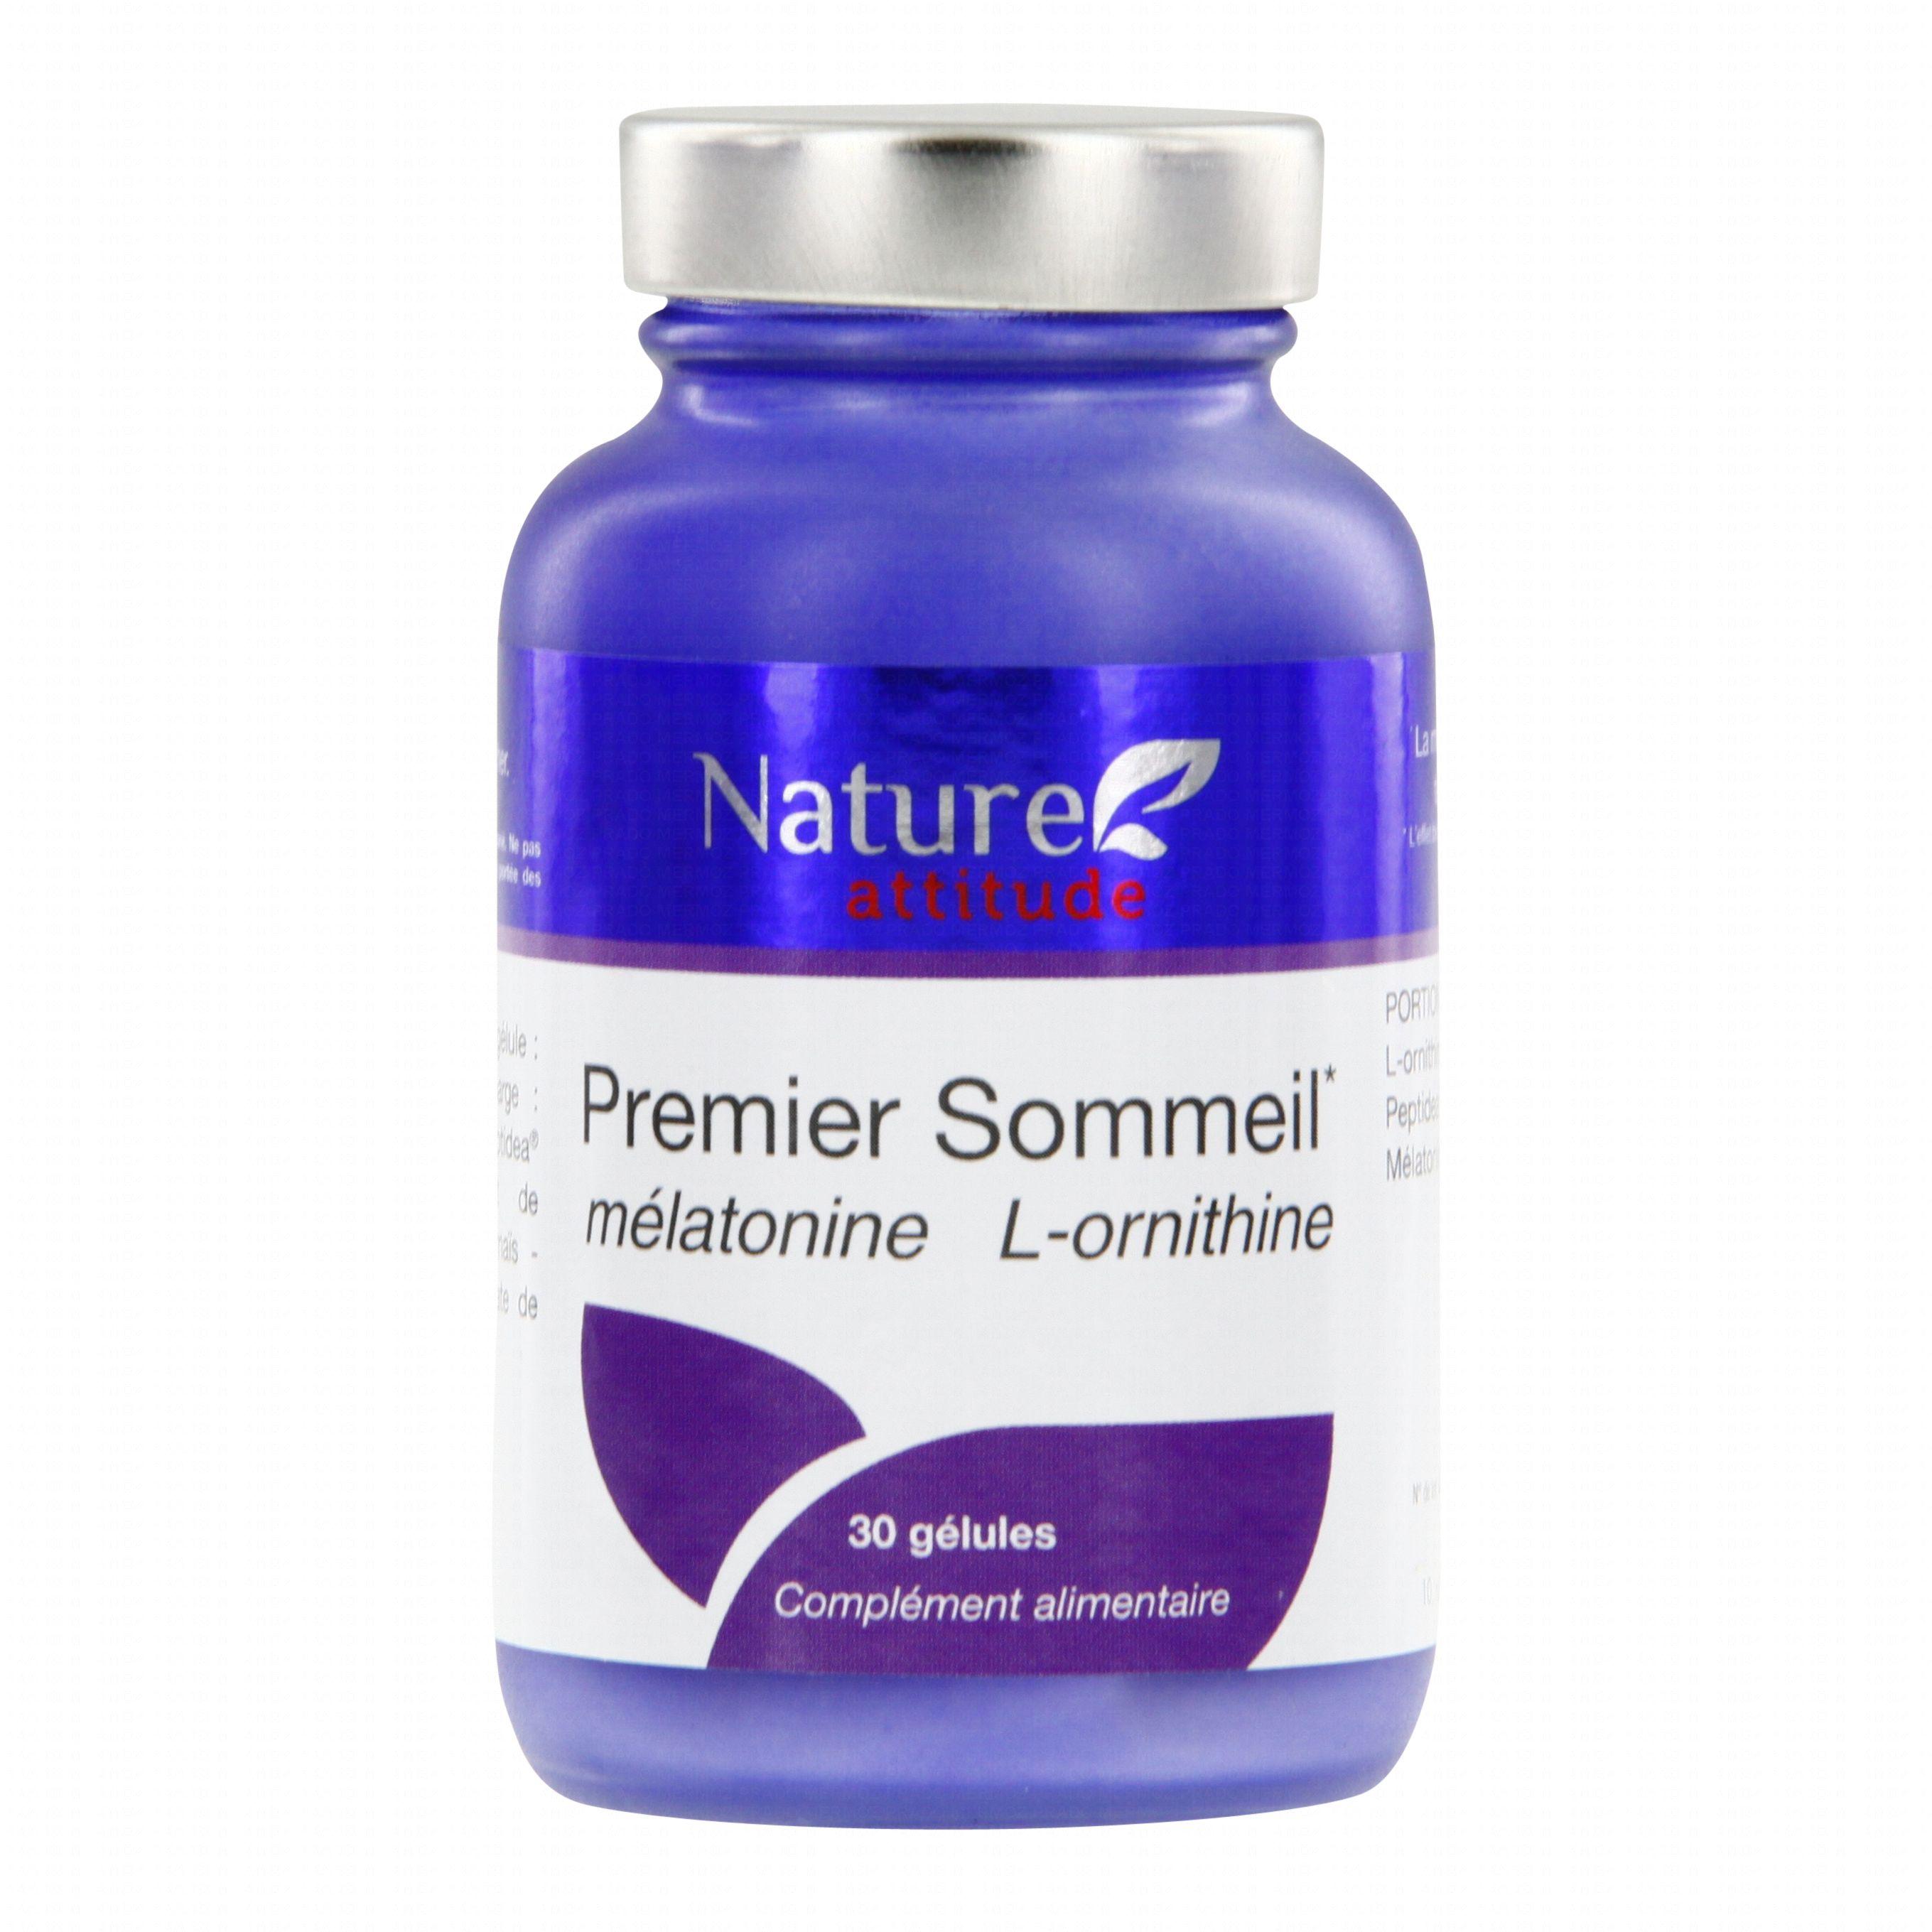 NATURE ATTITUDE Premier sommeil 30 gélules - Pharmacie en